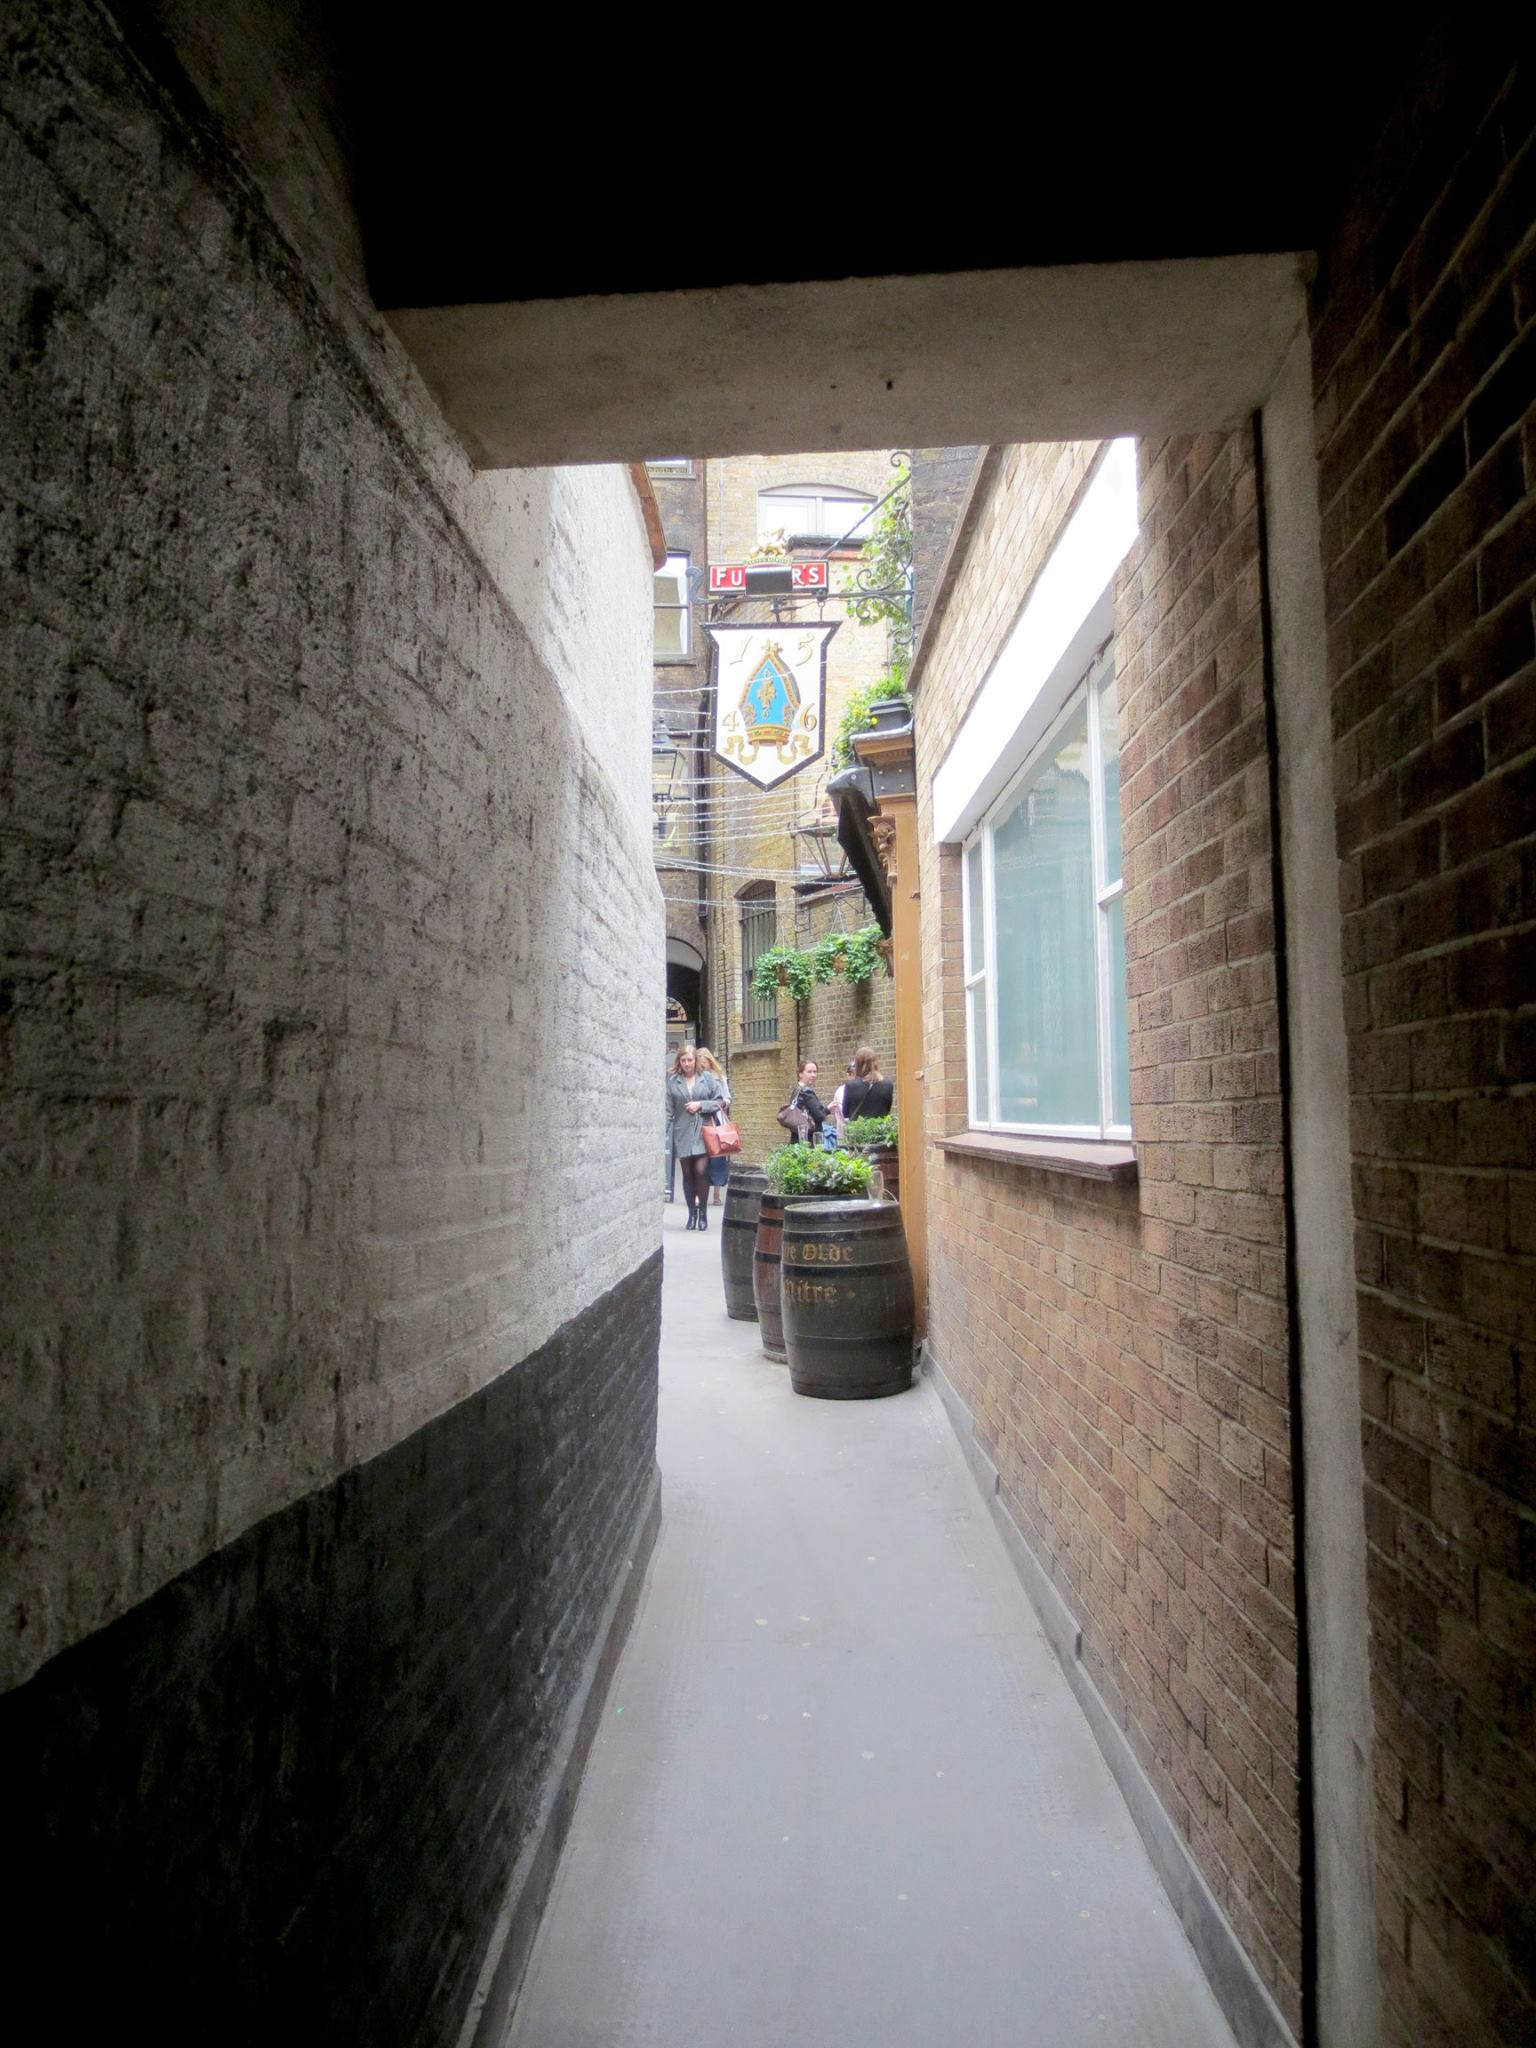 Ye Olde Mitre entrance